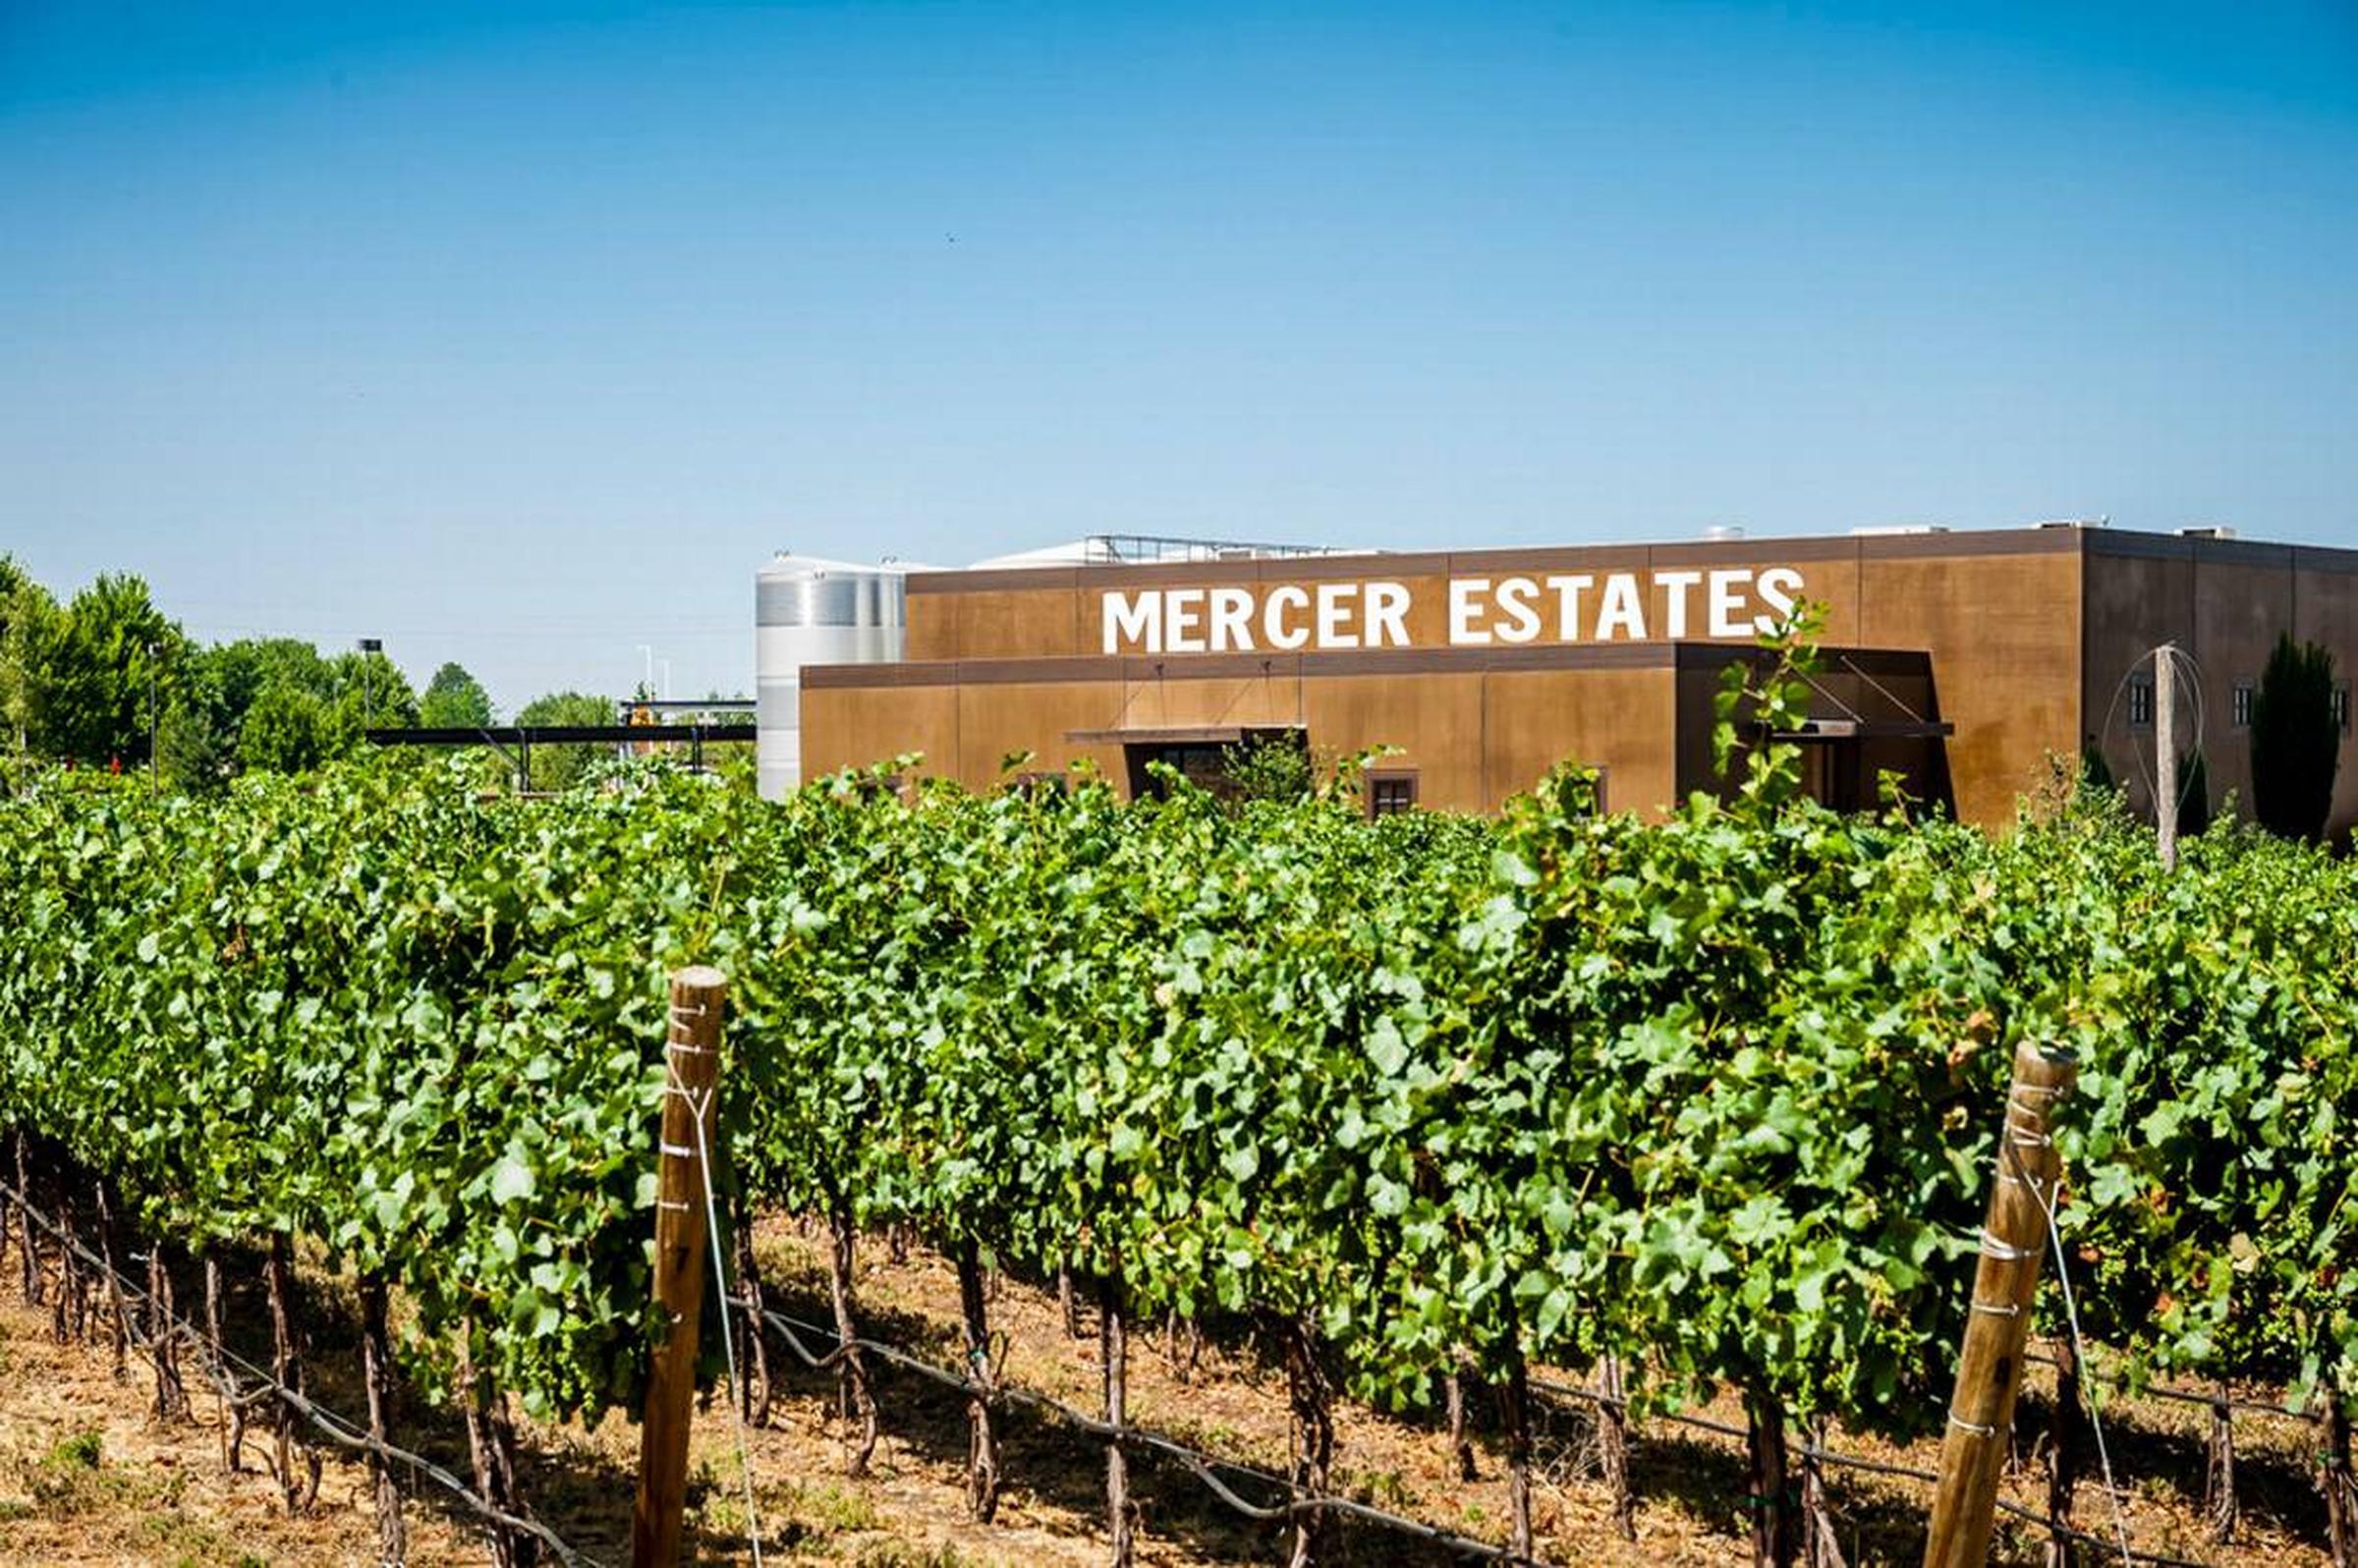 Mercer Wine Estates & Mercer Bros.